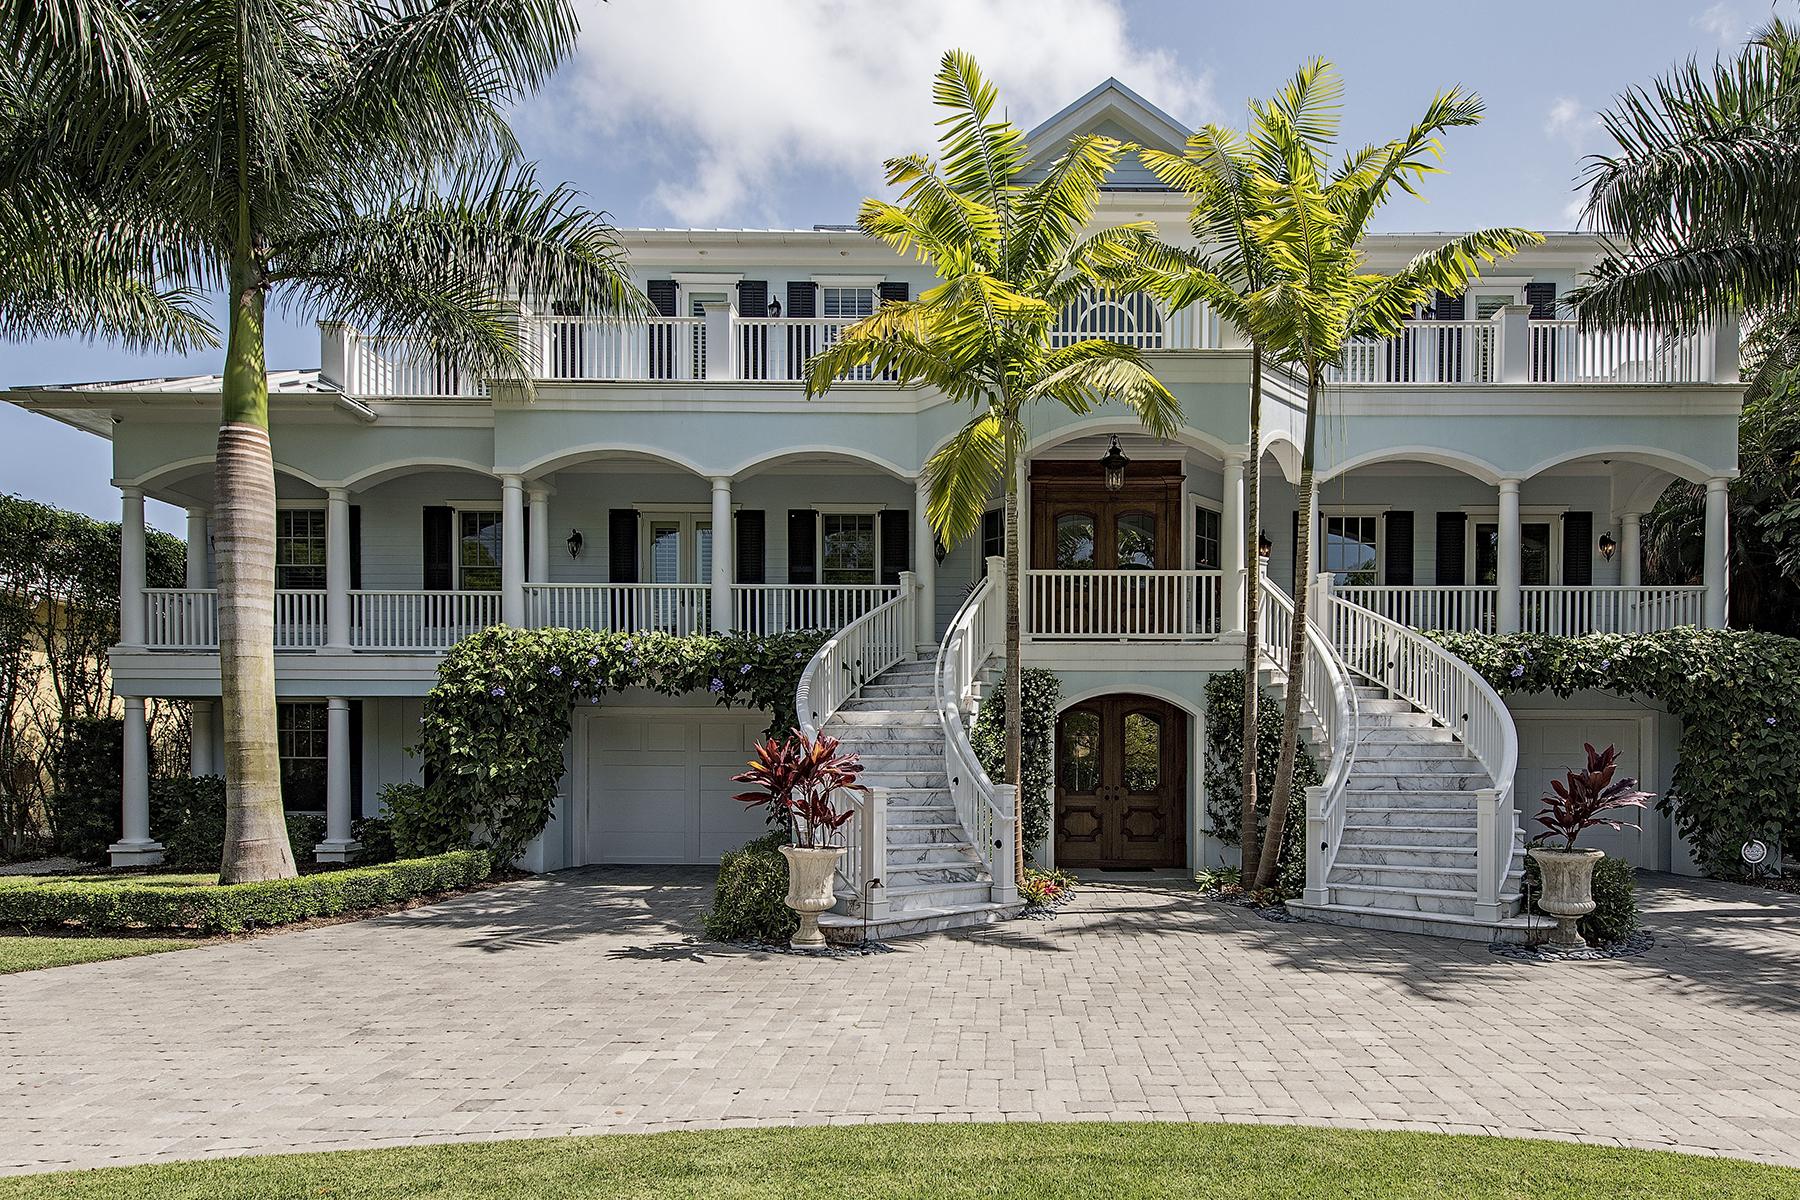 独户住宅 为 出租 在 OLD NAPLES 140 3rd Ave S 那不勒斯, 佛罗里达州 34102 美国